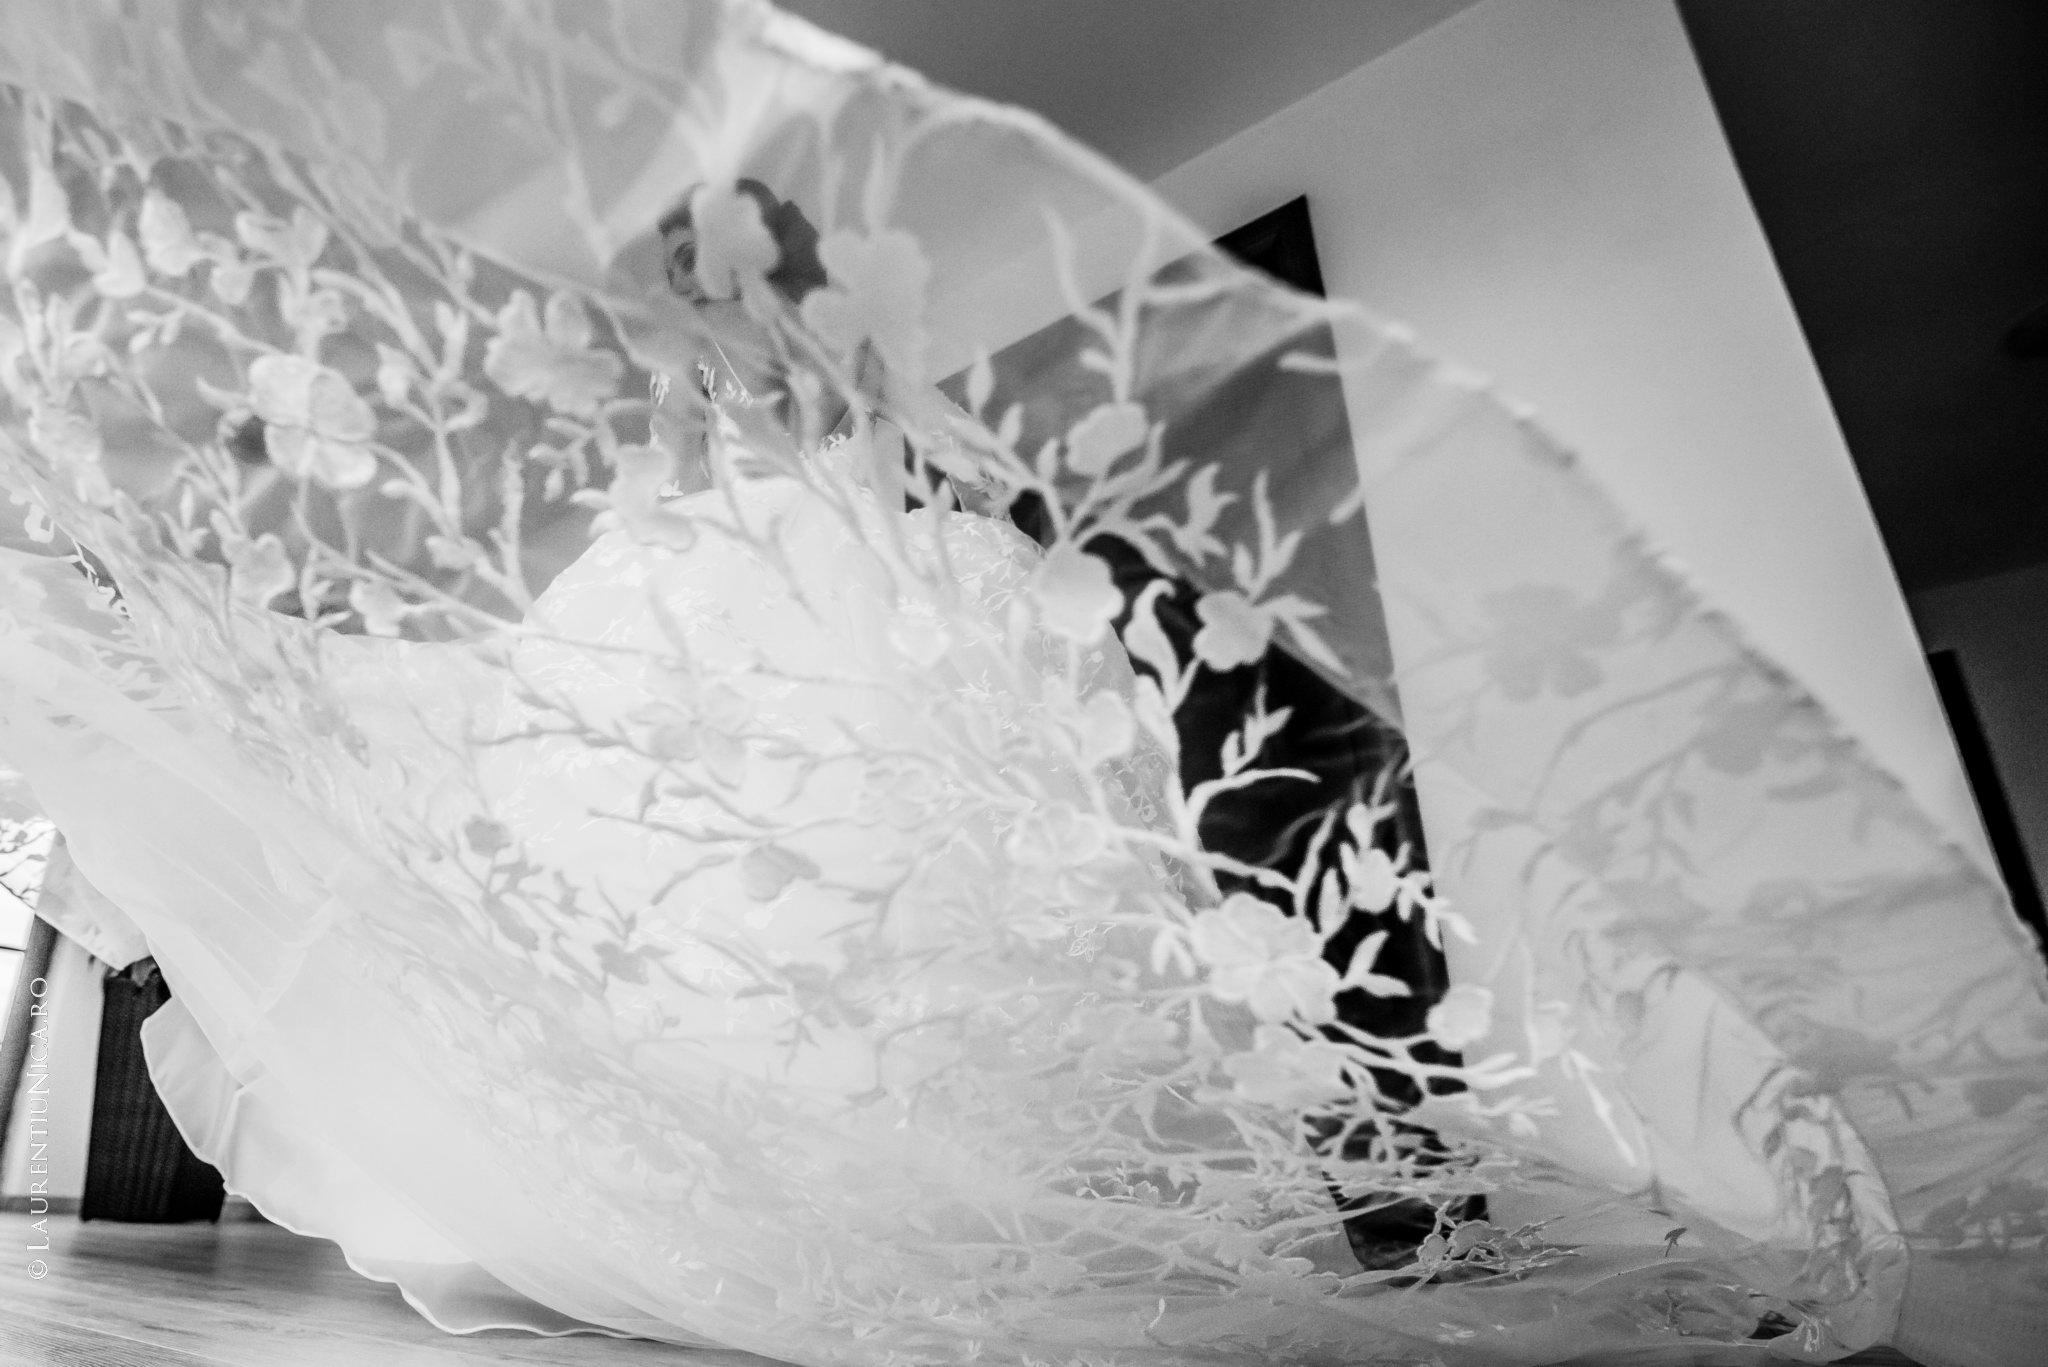 fotografii nunta denisa si florin craiova 10 - Denisa & Florin | Fotografii nunta | Craiova